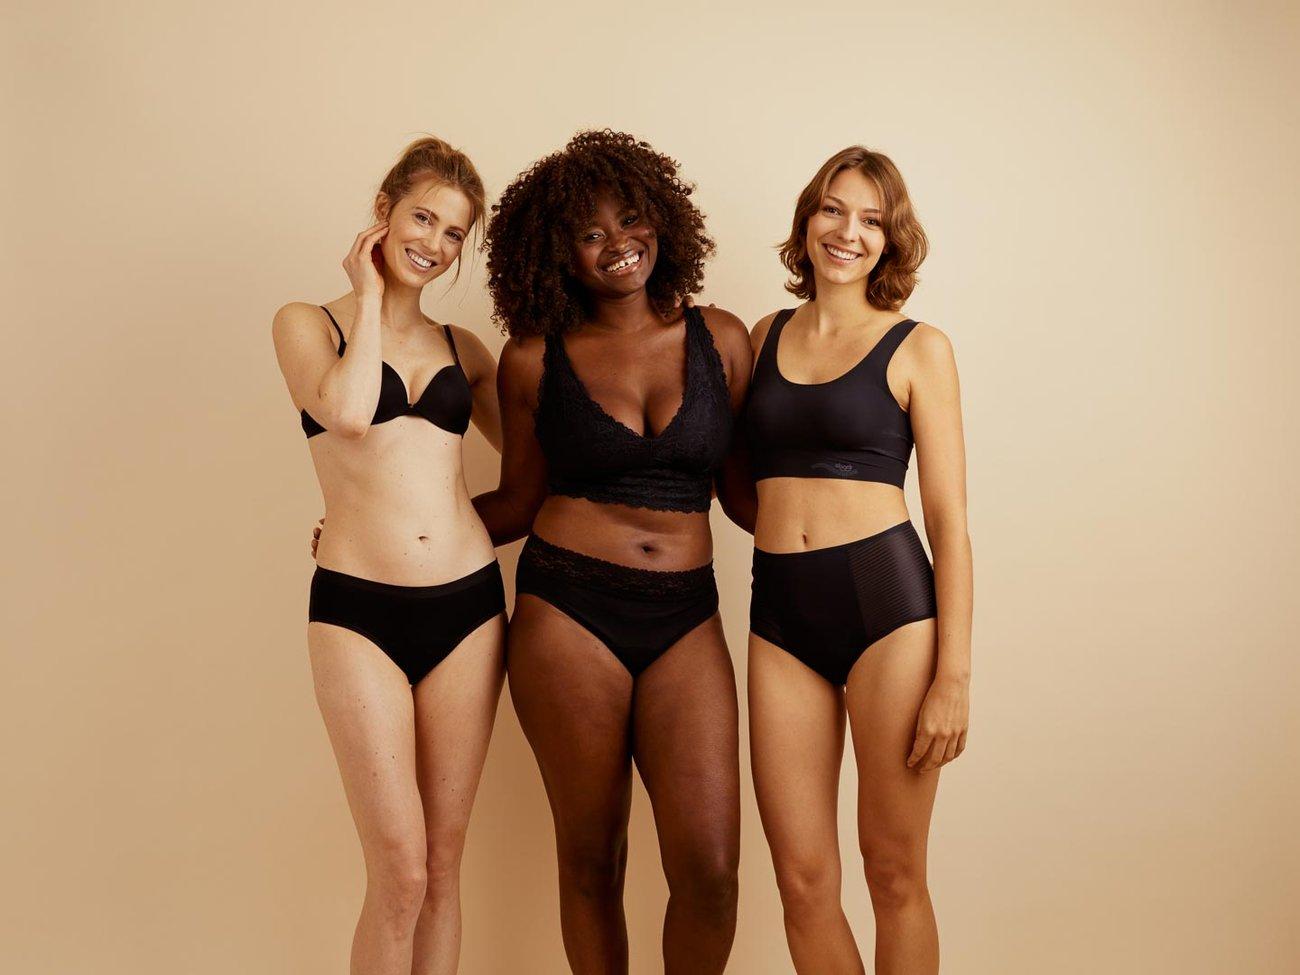 ooia Periodenunterwäsche 3 Models Hipster, Slip und Highwaist